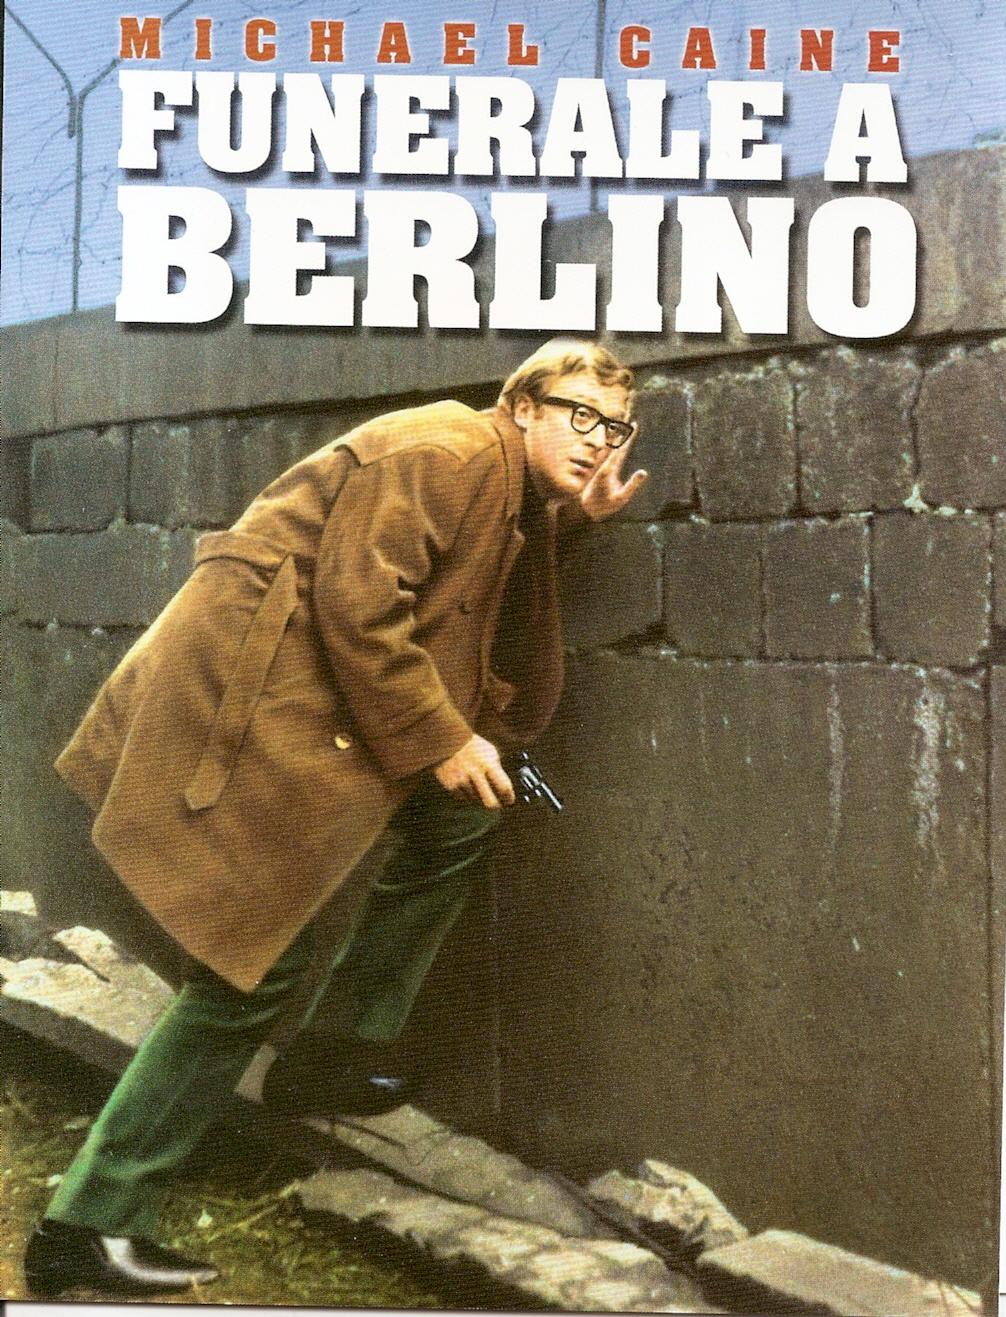 spy-cine-07-funerale-a-berlino.jpg